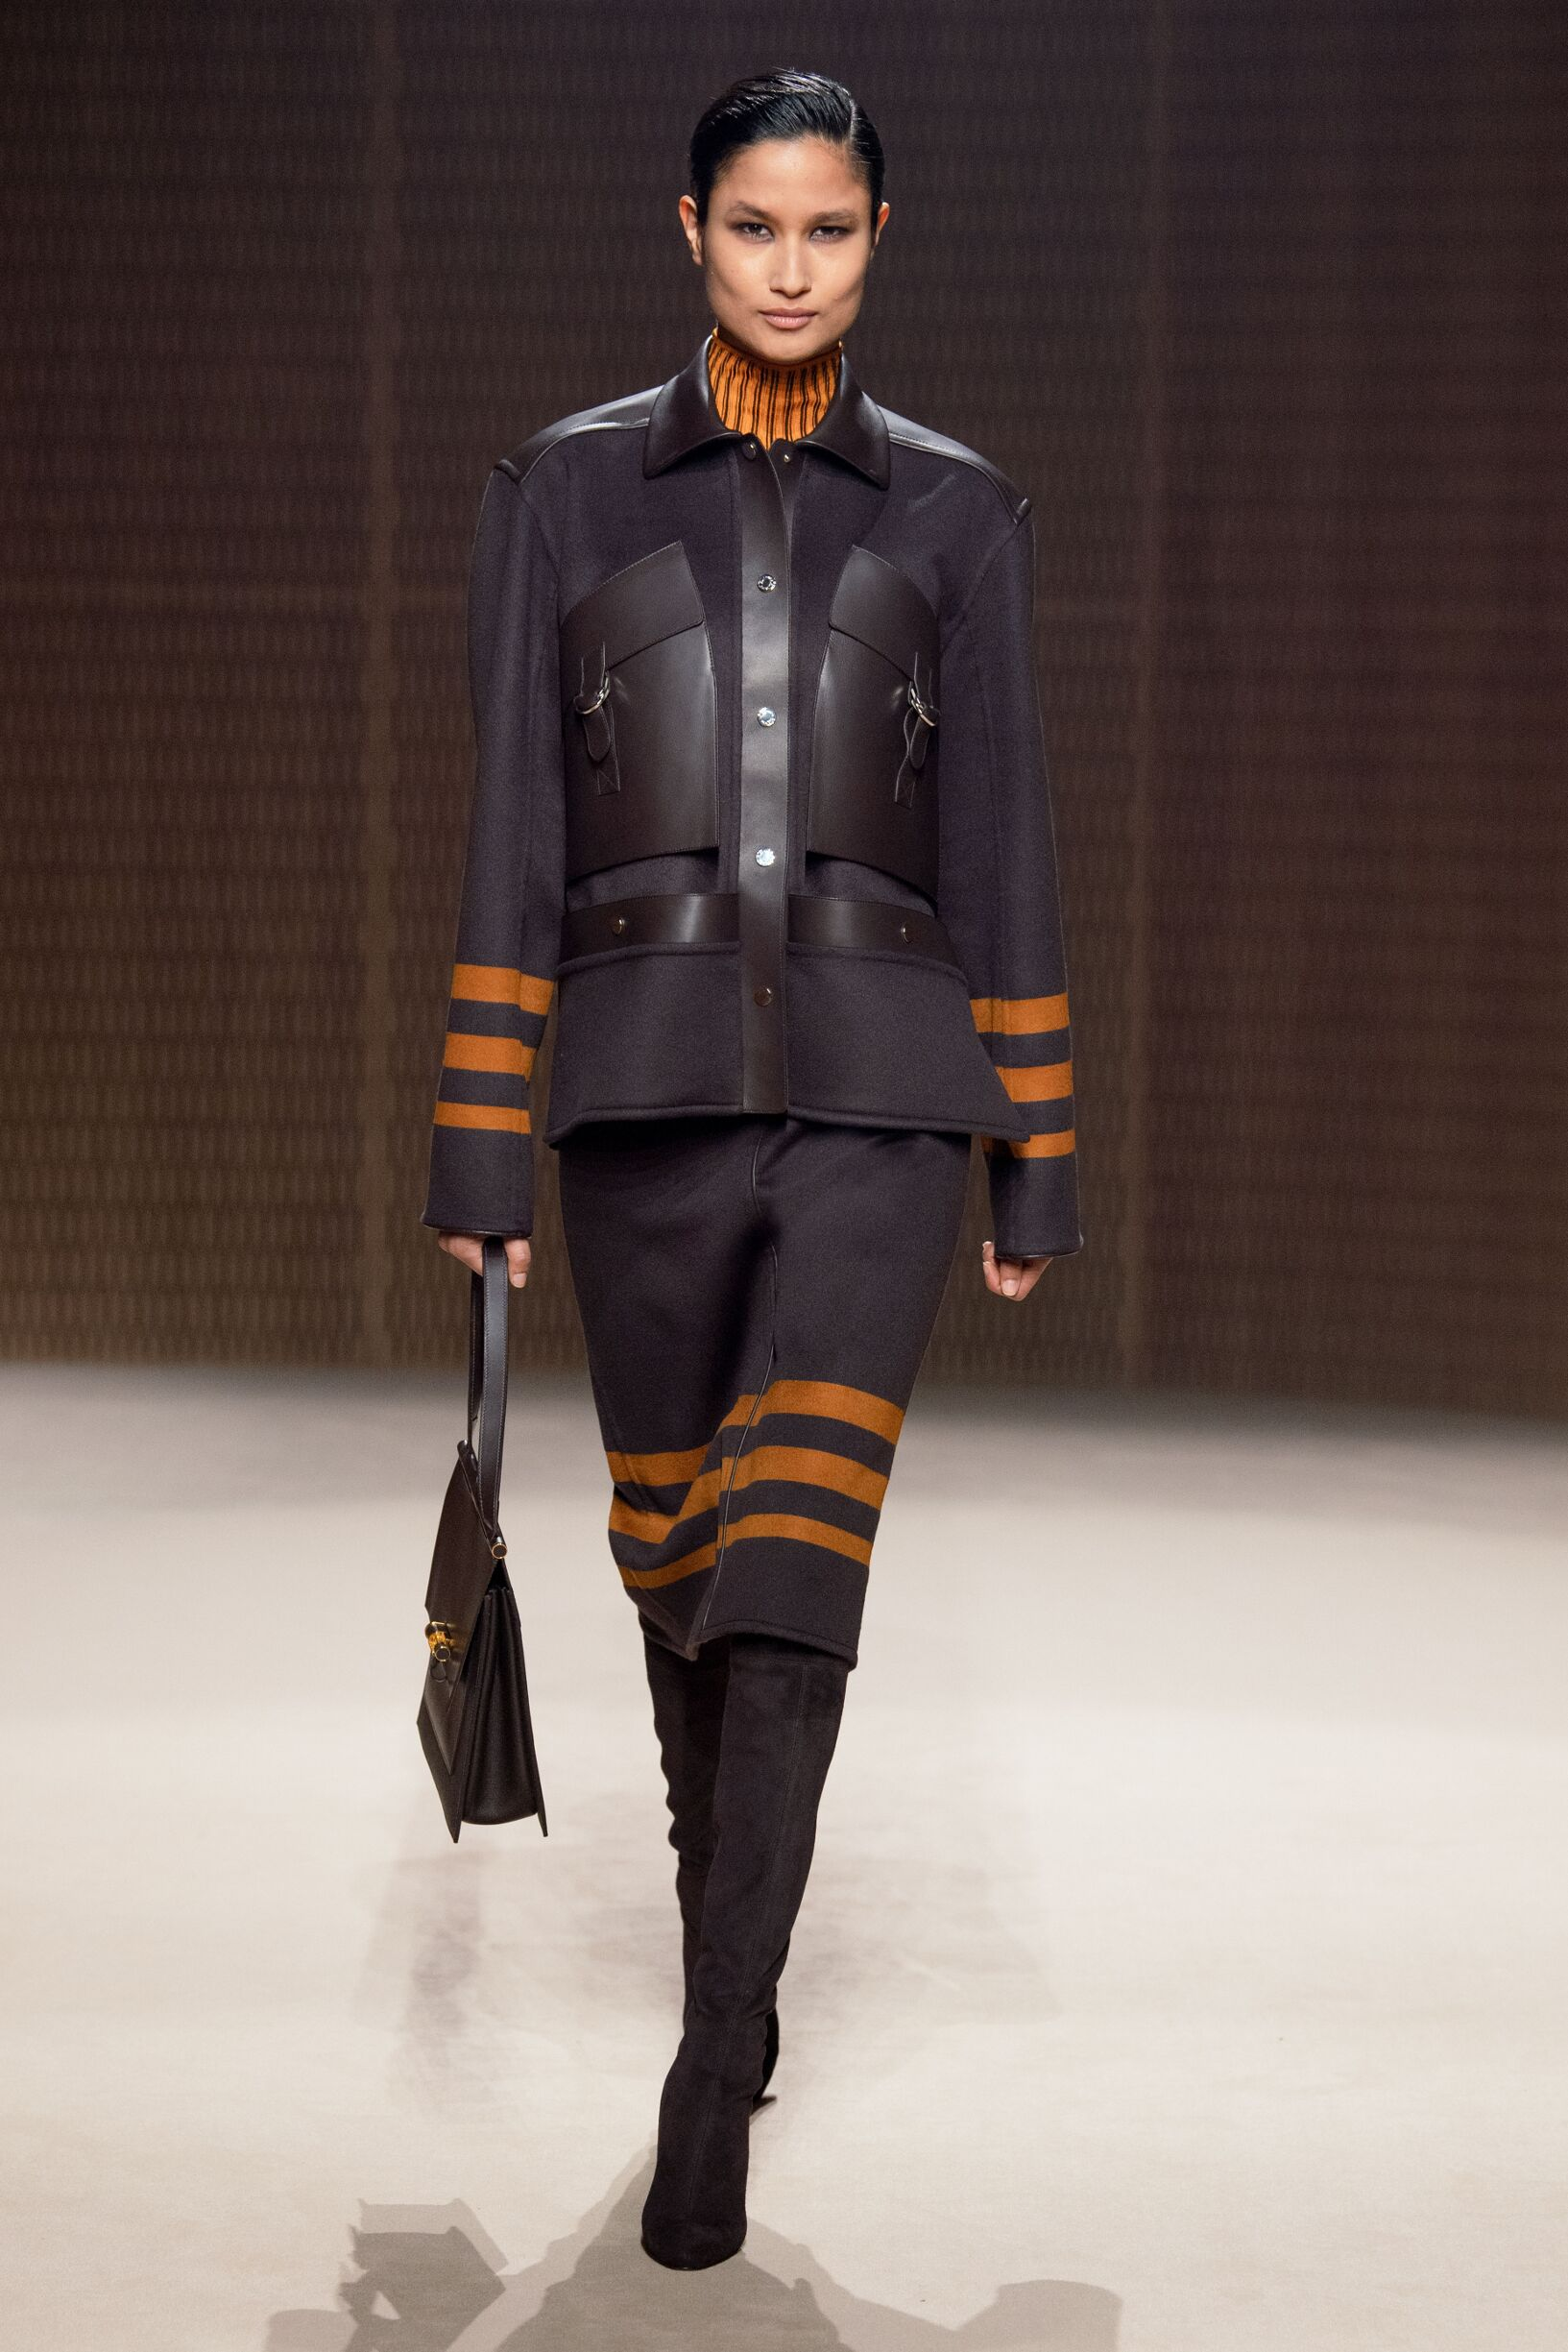 Hermès Woman 2019-20